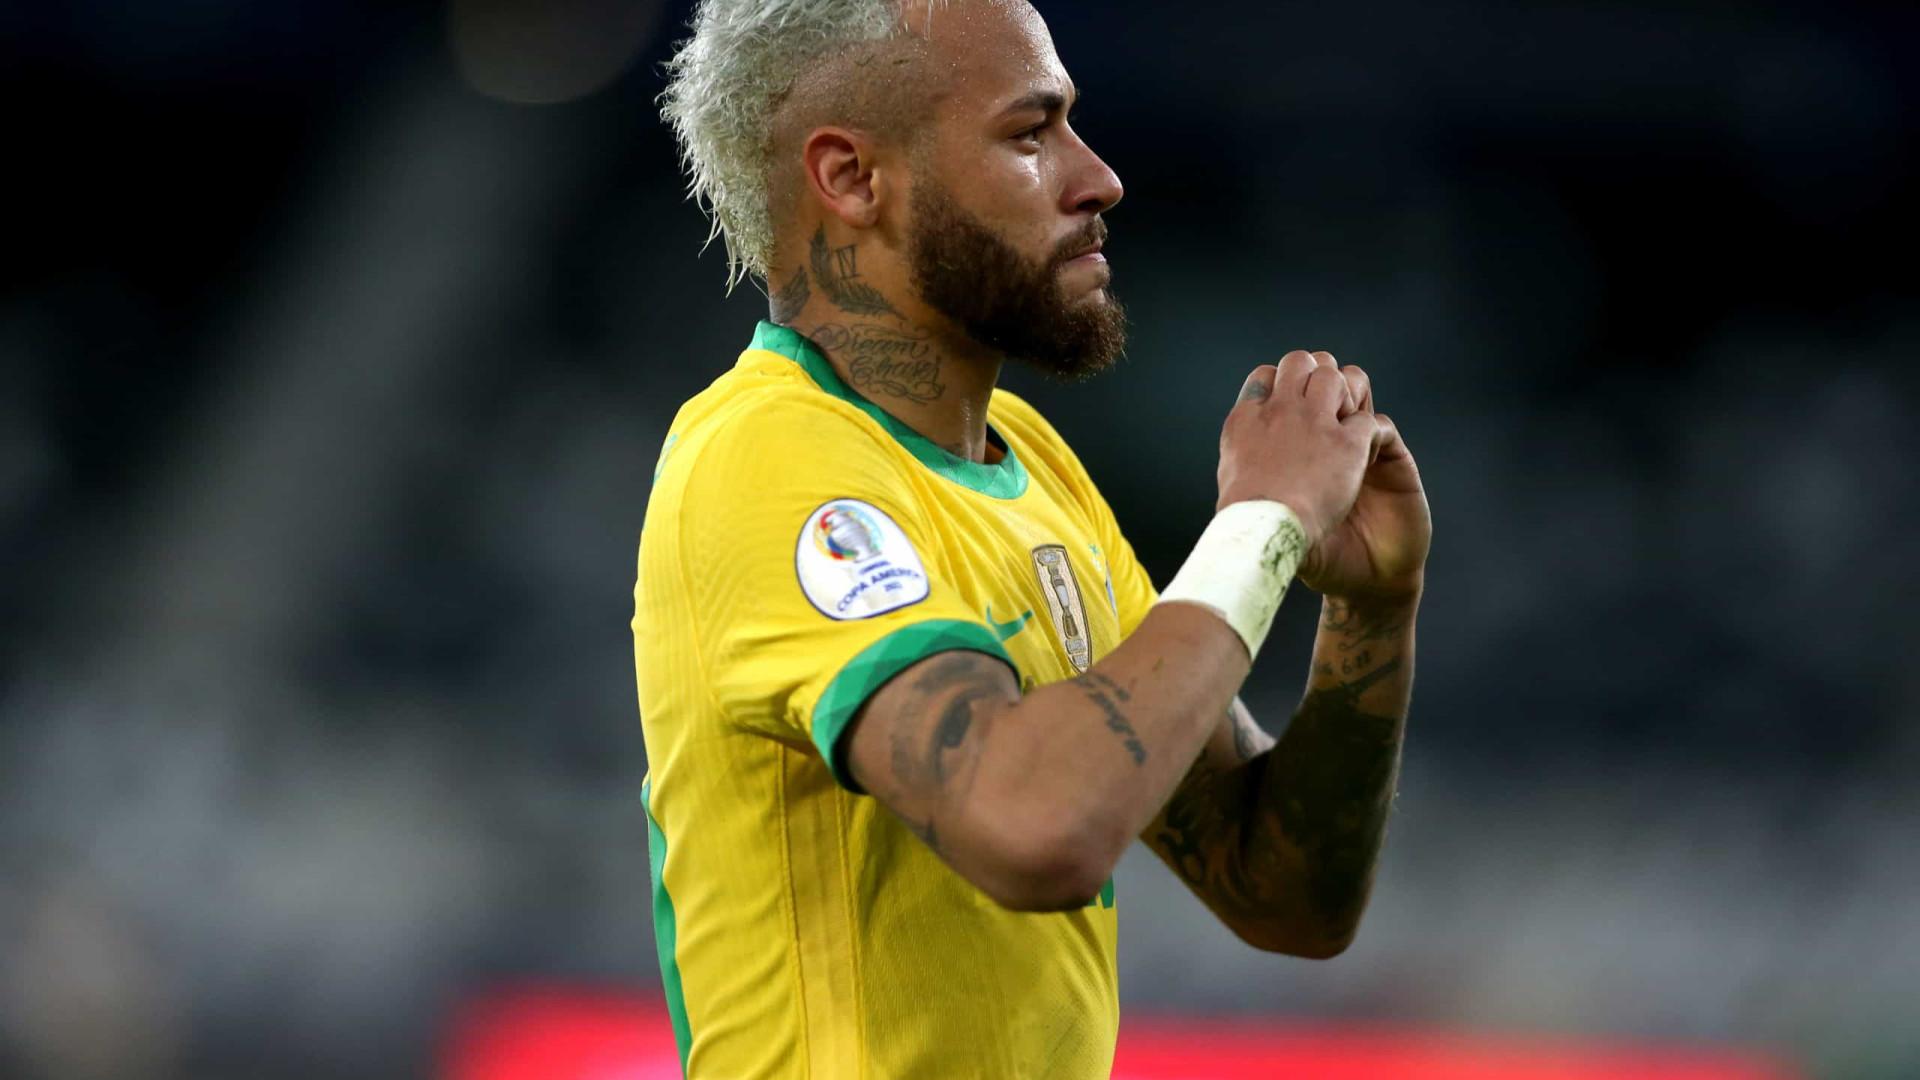 Neymar recorda dificuldades e chora após goleada: 'Passei por muita coisa'